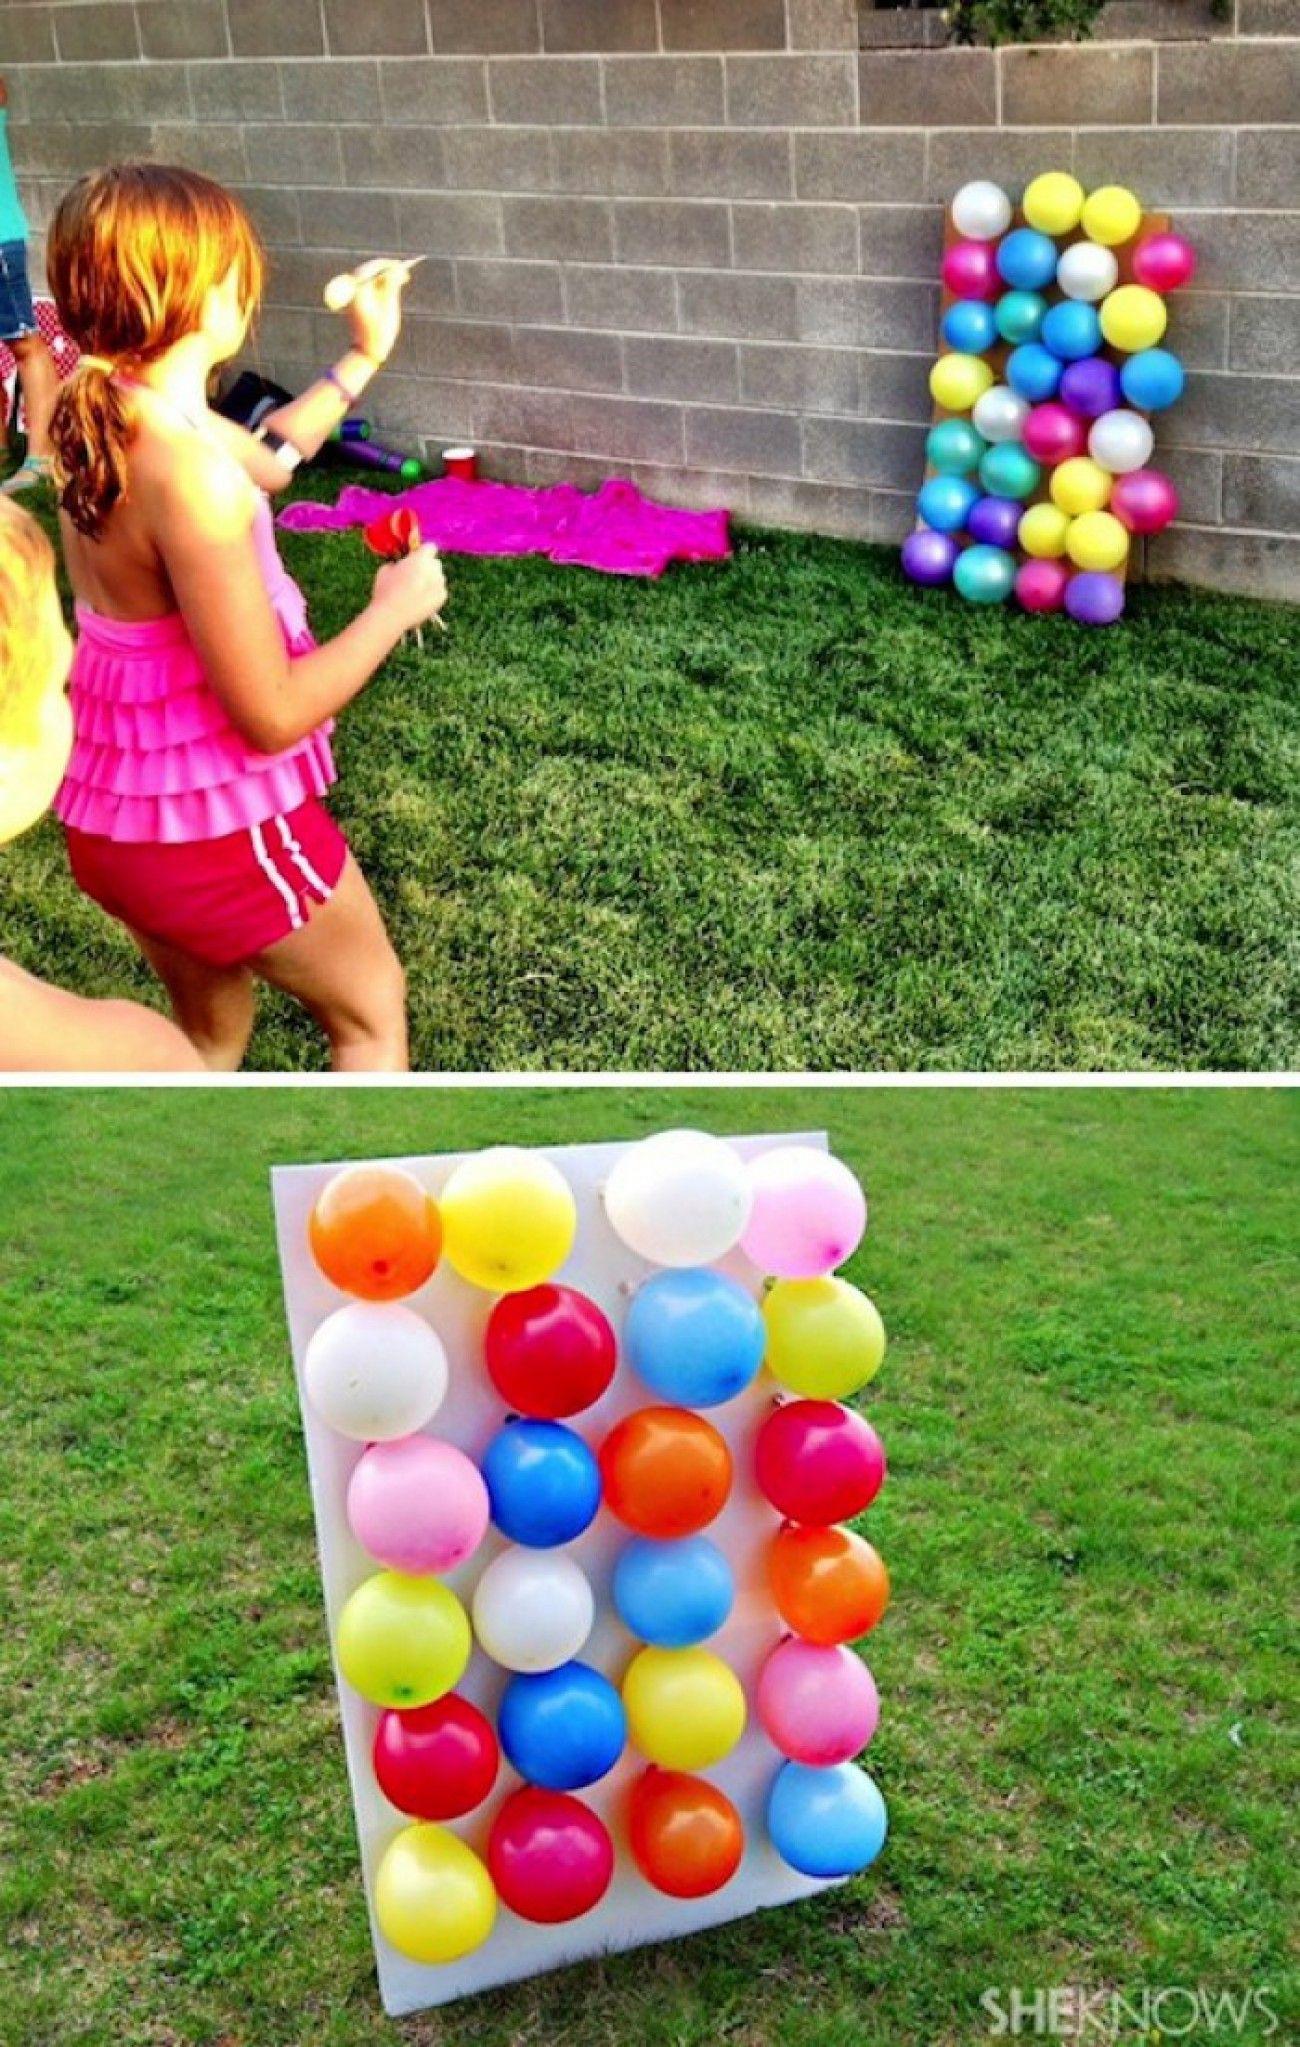 für einen Kindergeburtstag, tolle Idee mit Dartpfeilen und Ballons. Um es noch spannender zu machen kann man auch Kleinigkeiten in die Ballons tun, wie Süßigkeiten.